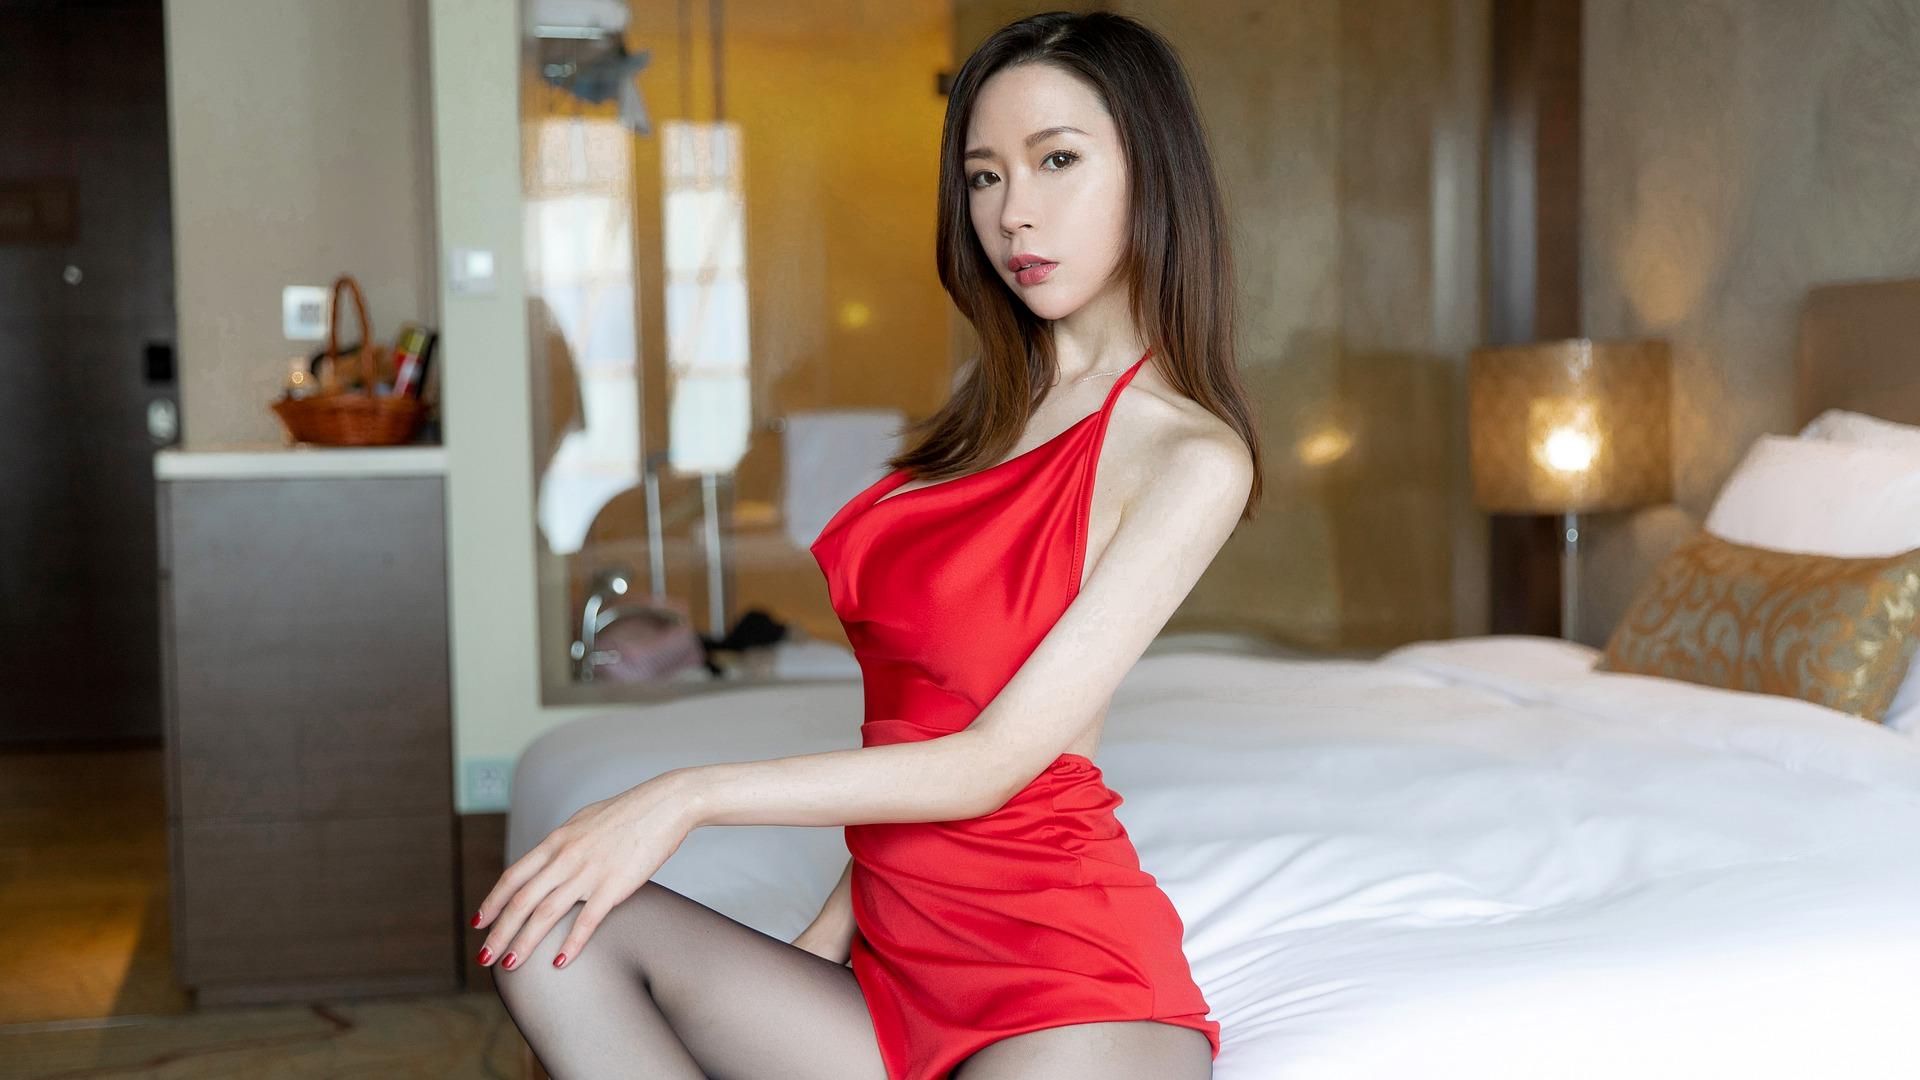 girl-5702708_1920